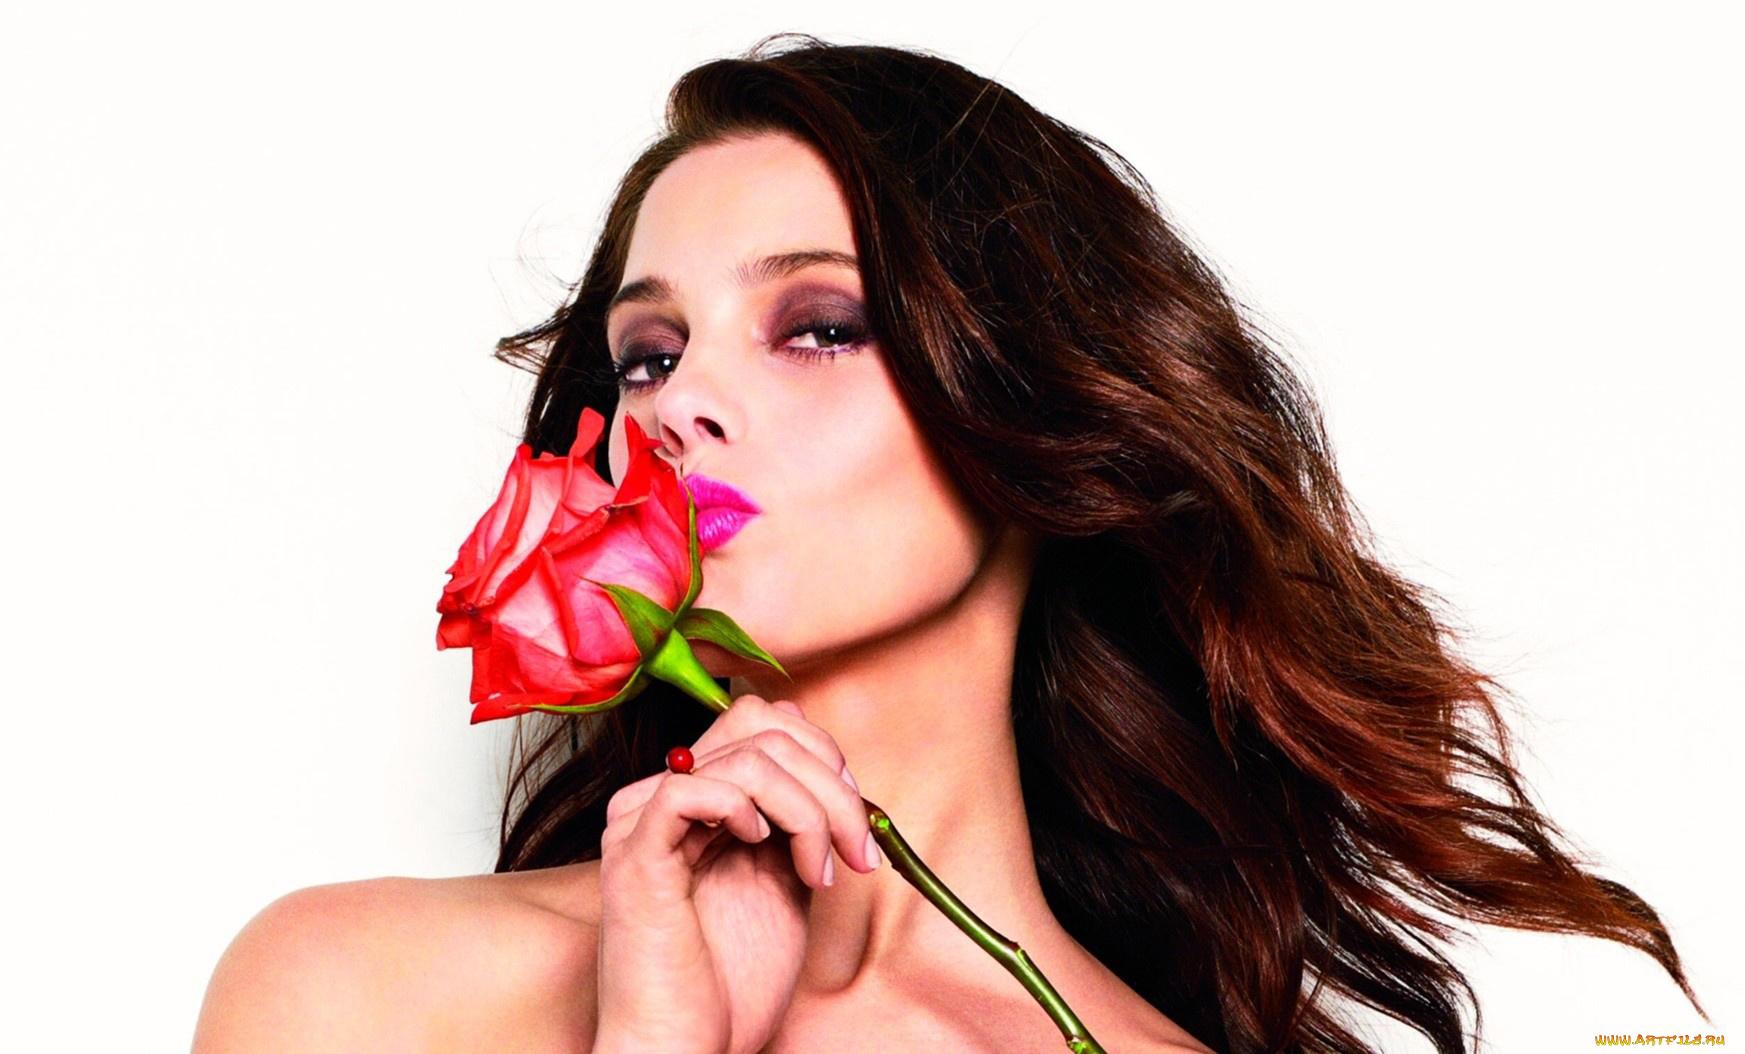 Открытки девушек с розами в руках, смешная картинка